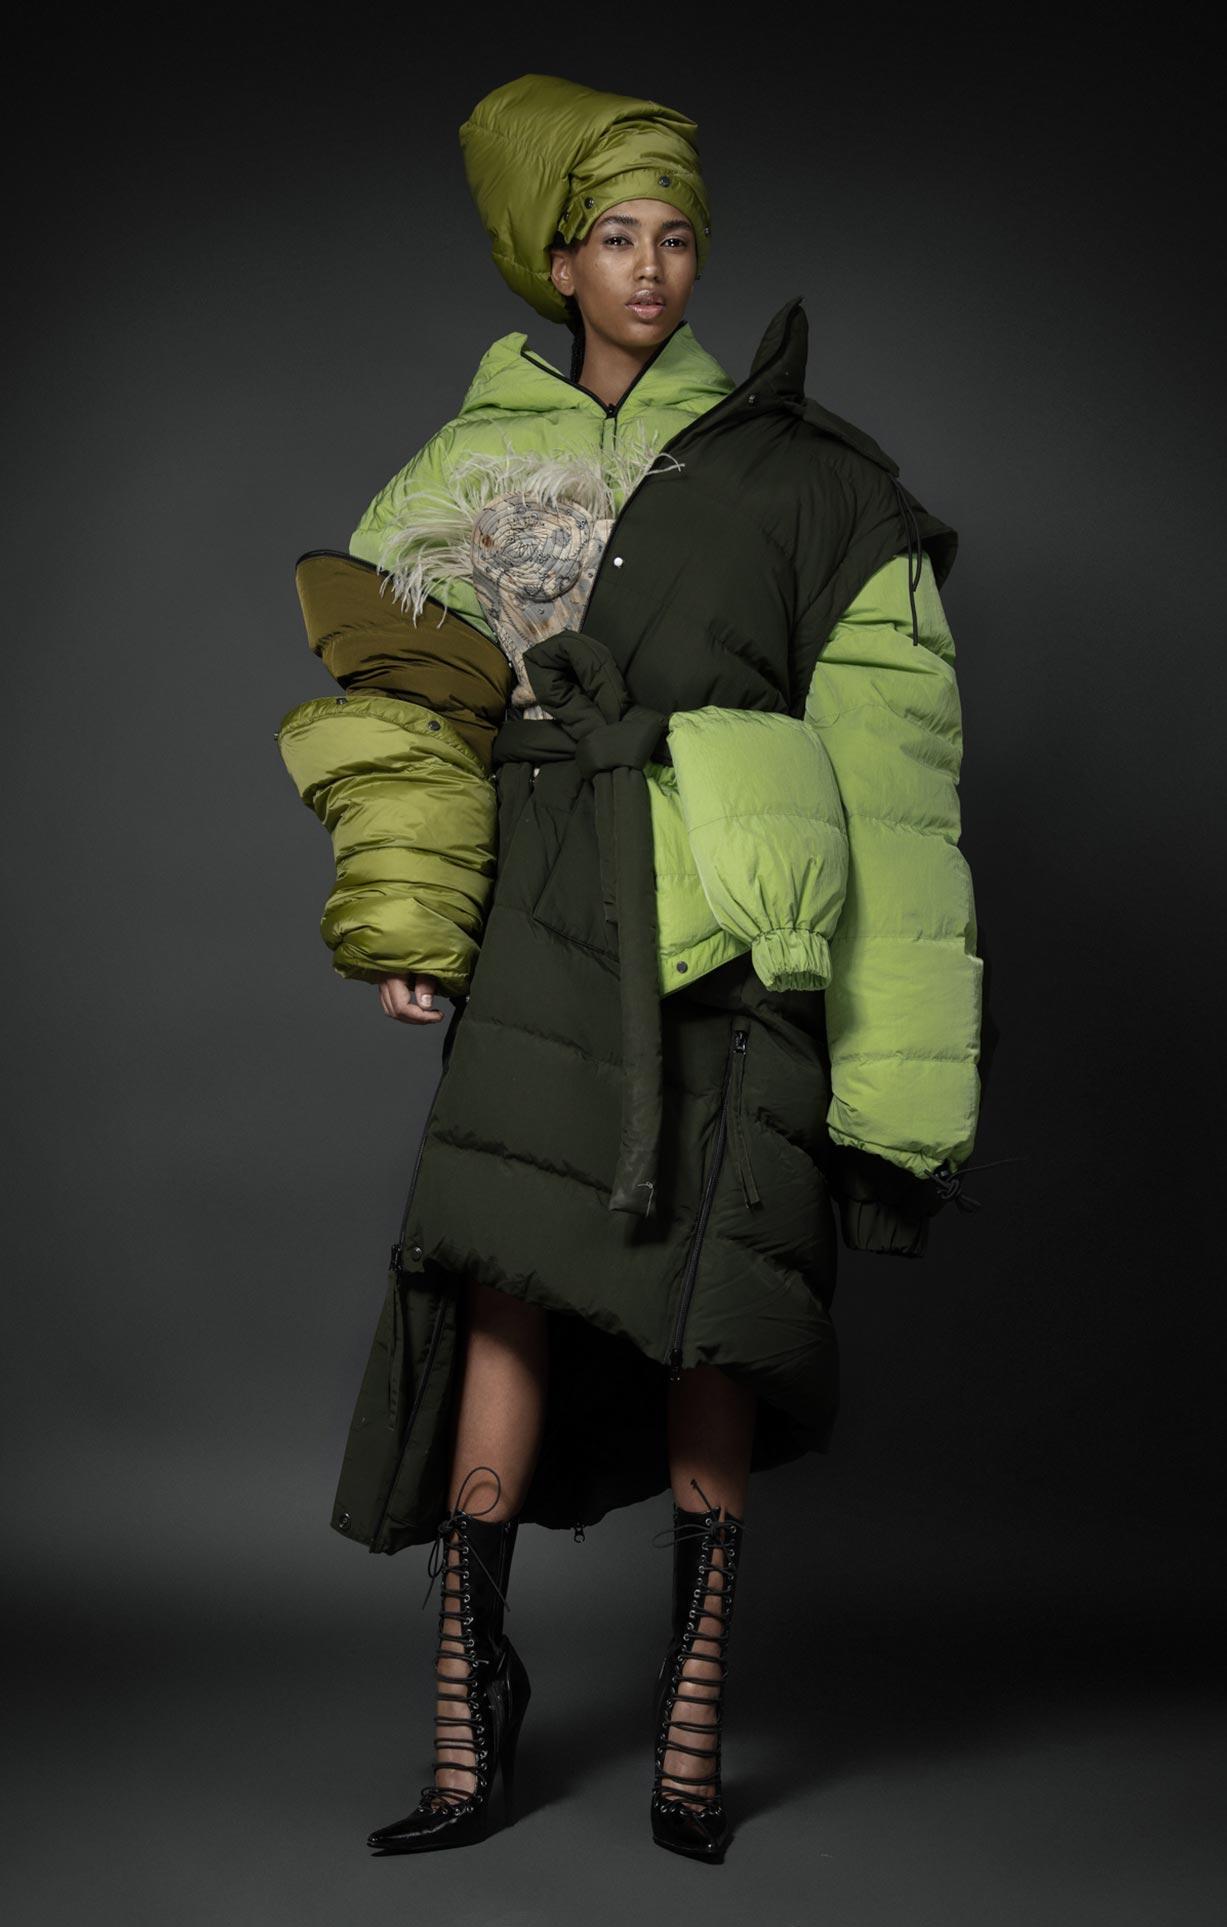 Нетрадиционный взгляд на модную одежду / фото 26